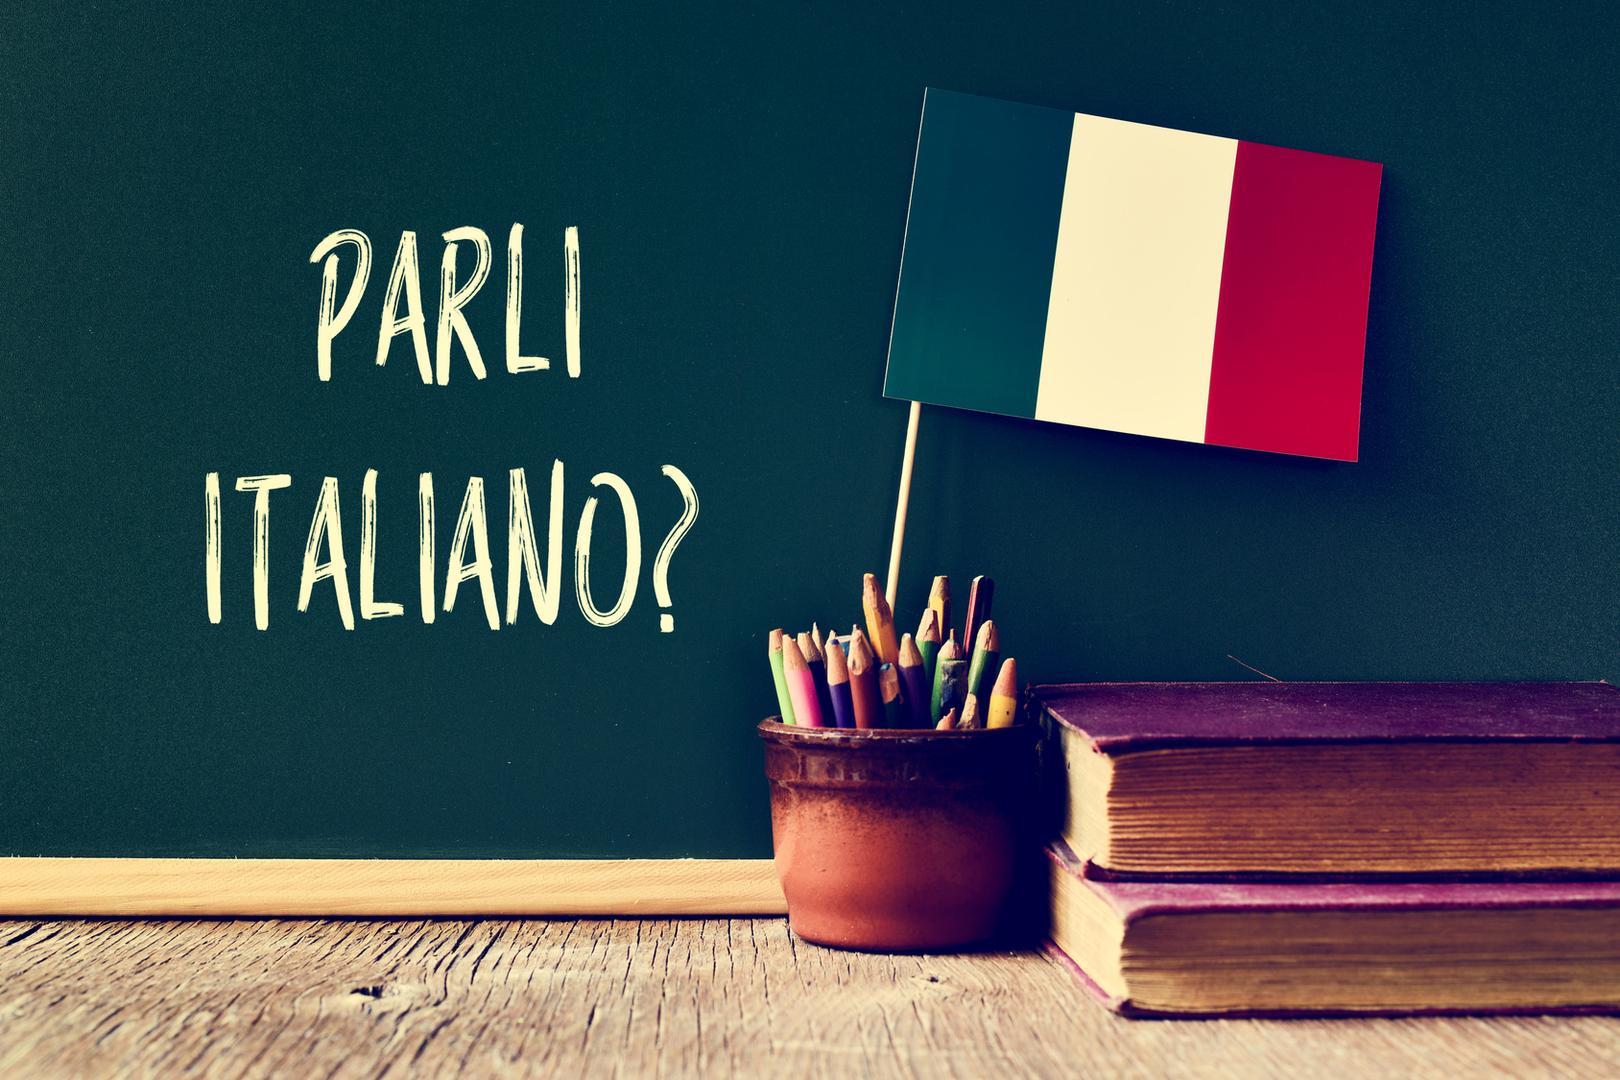 קורס איטלקית - מתקדמים (המשך) | לימודי החוץ של האוניברסיטה הפתוחה